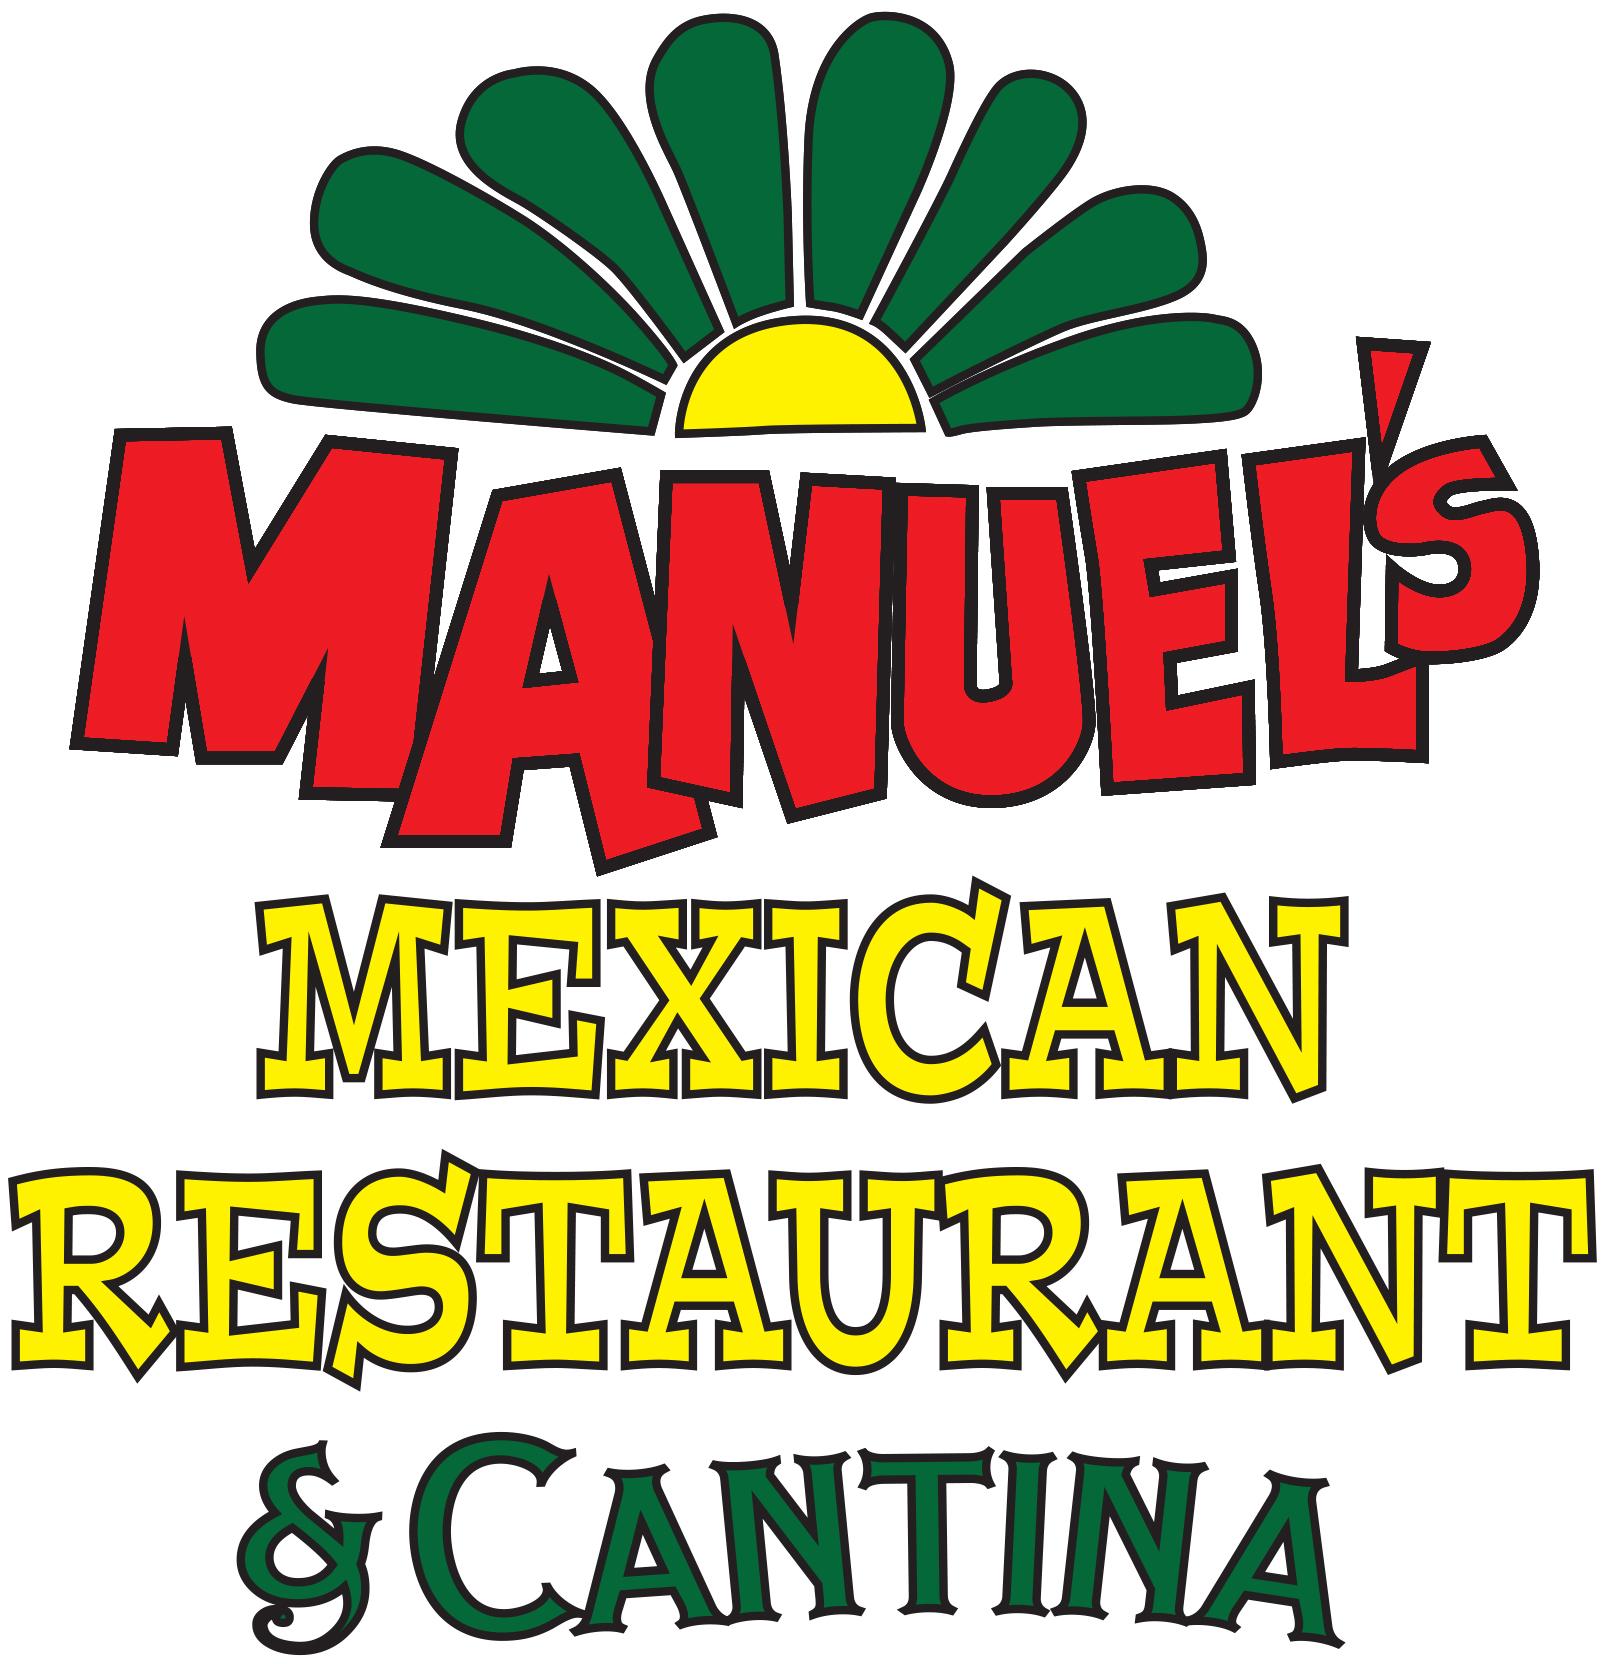 Manuels Mexican Food & Cantina